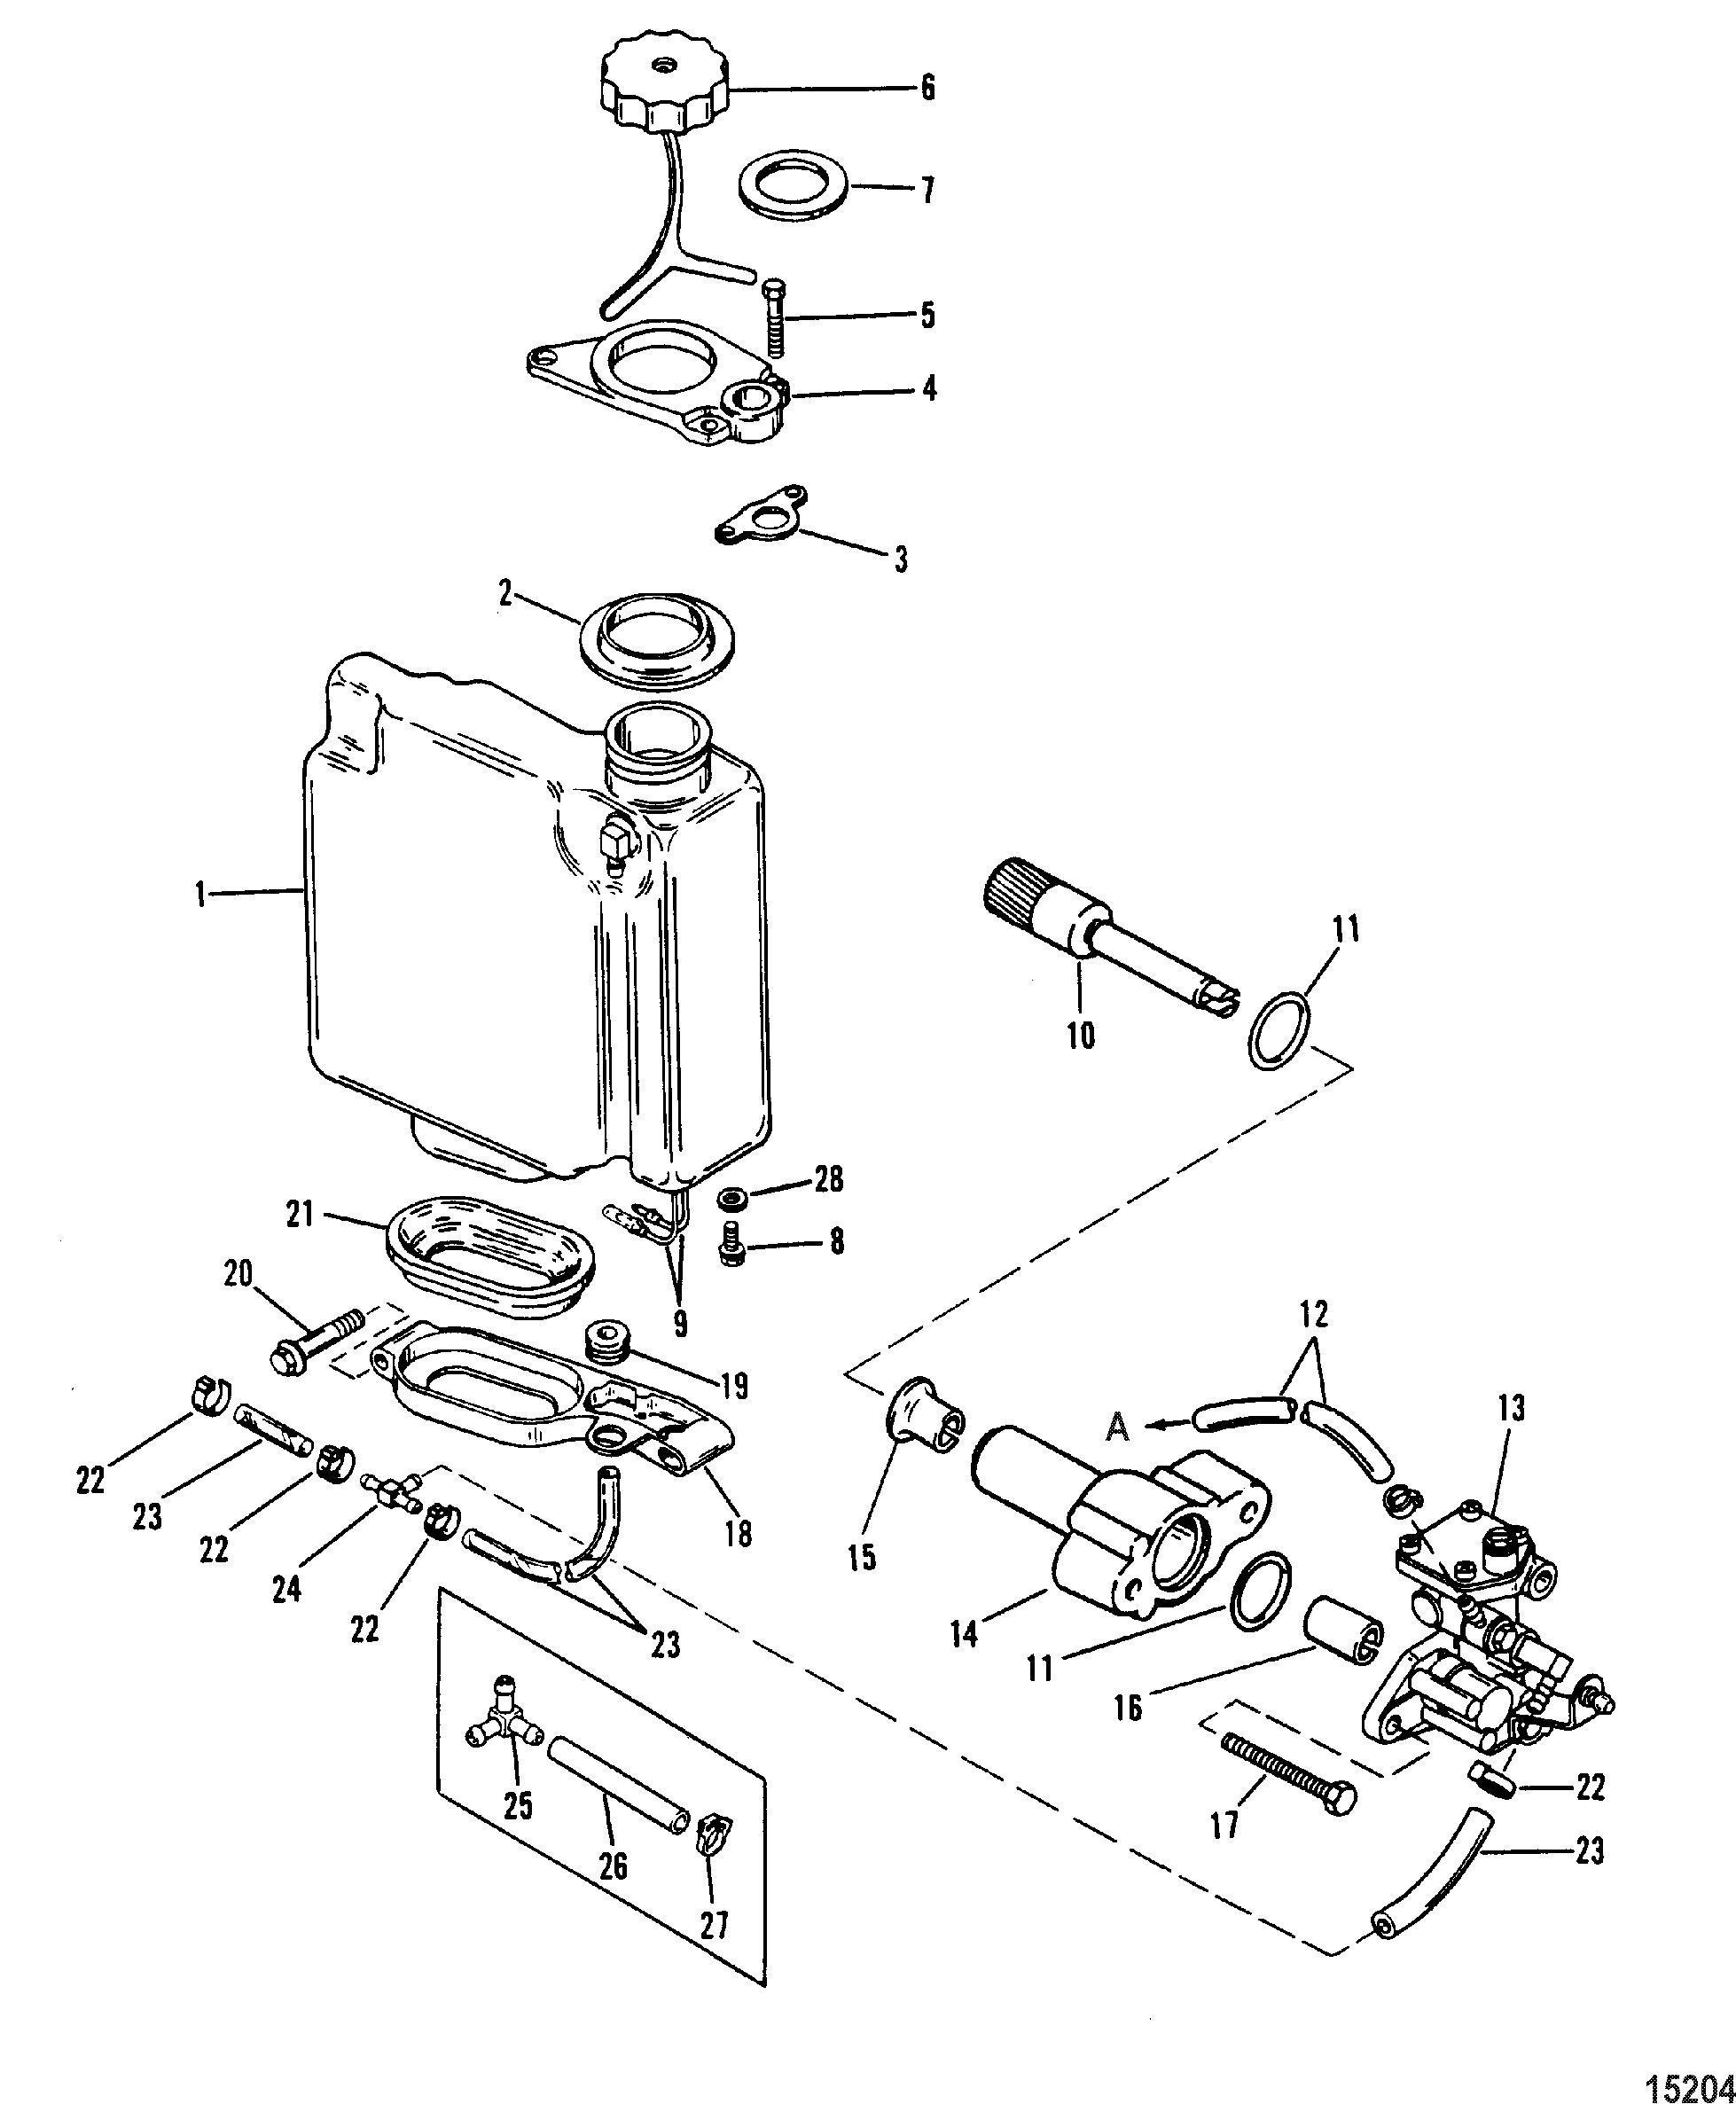 Amusing Mercury Consul Control Wiring Diagram Ideas - Best Image ...